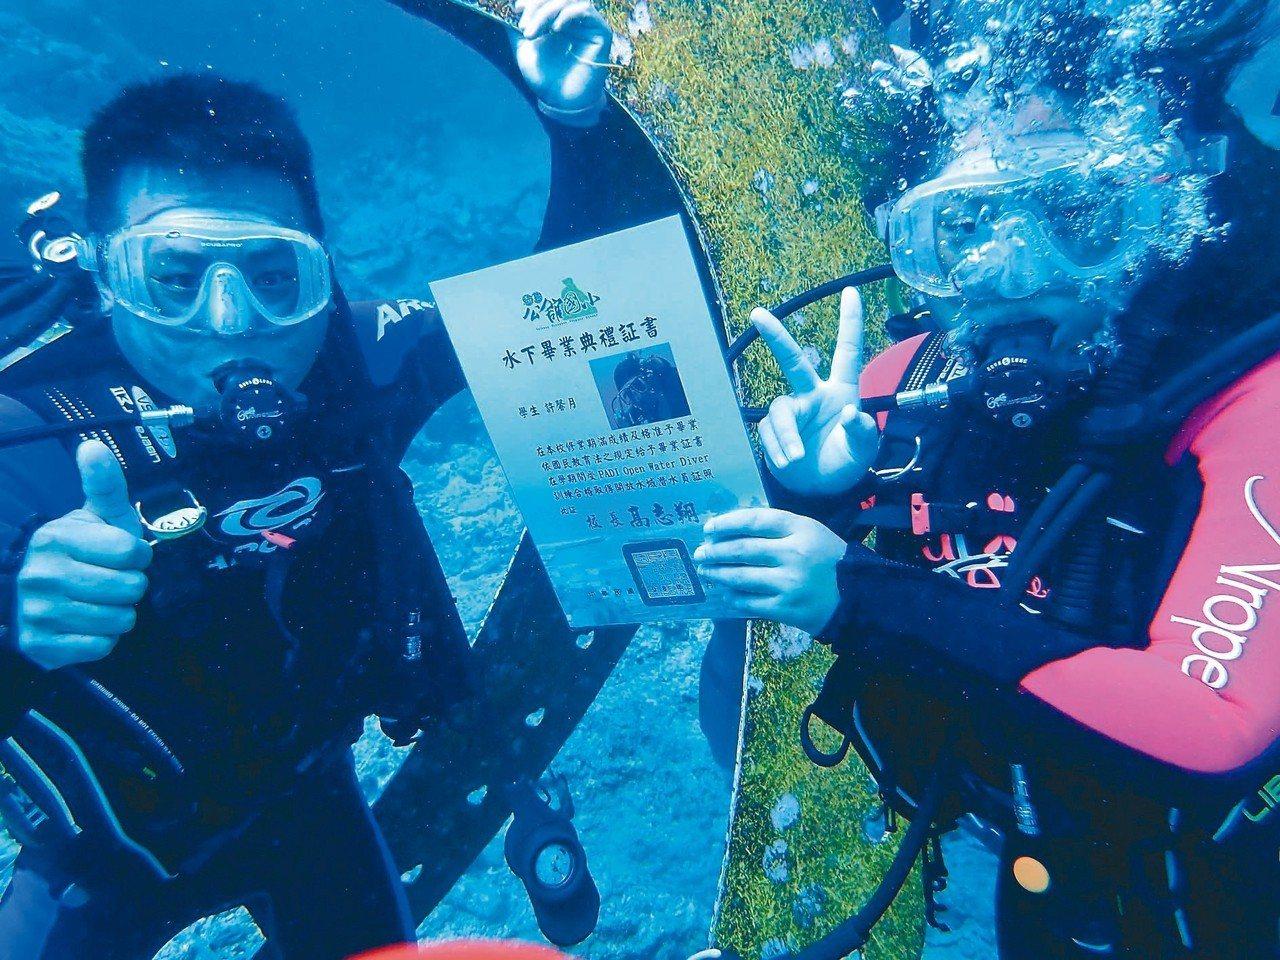 台東縣綠島鄉公館國小12位畢業生,昨天到石朗水域全台最深的豆丁海馬郵筒,潛水投明...